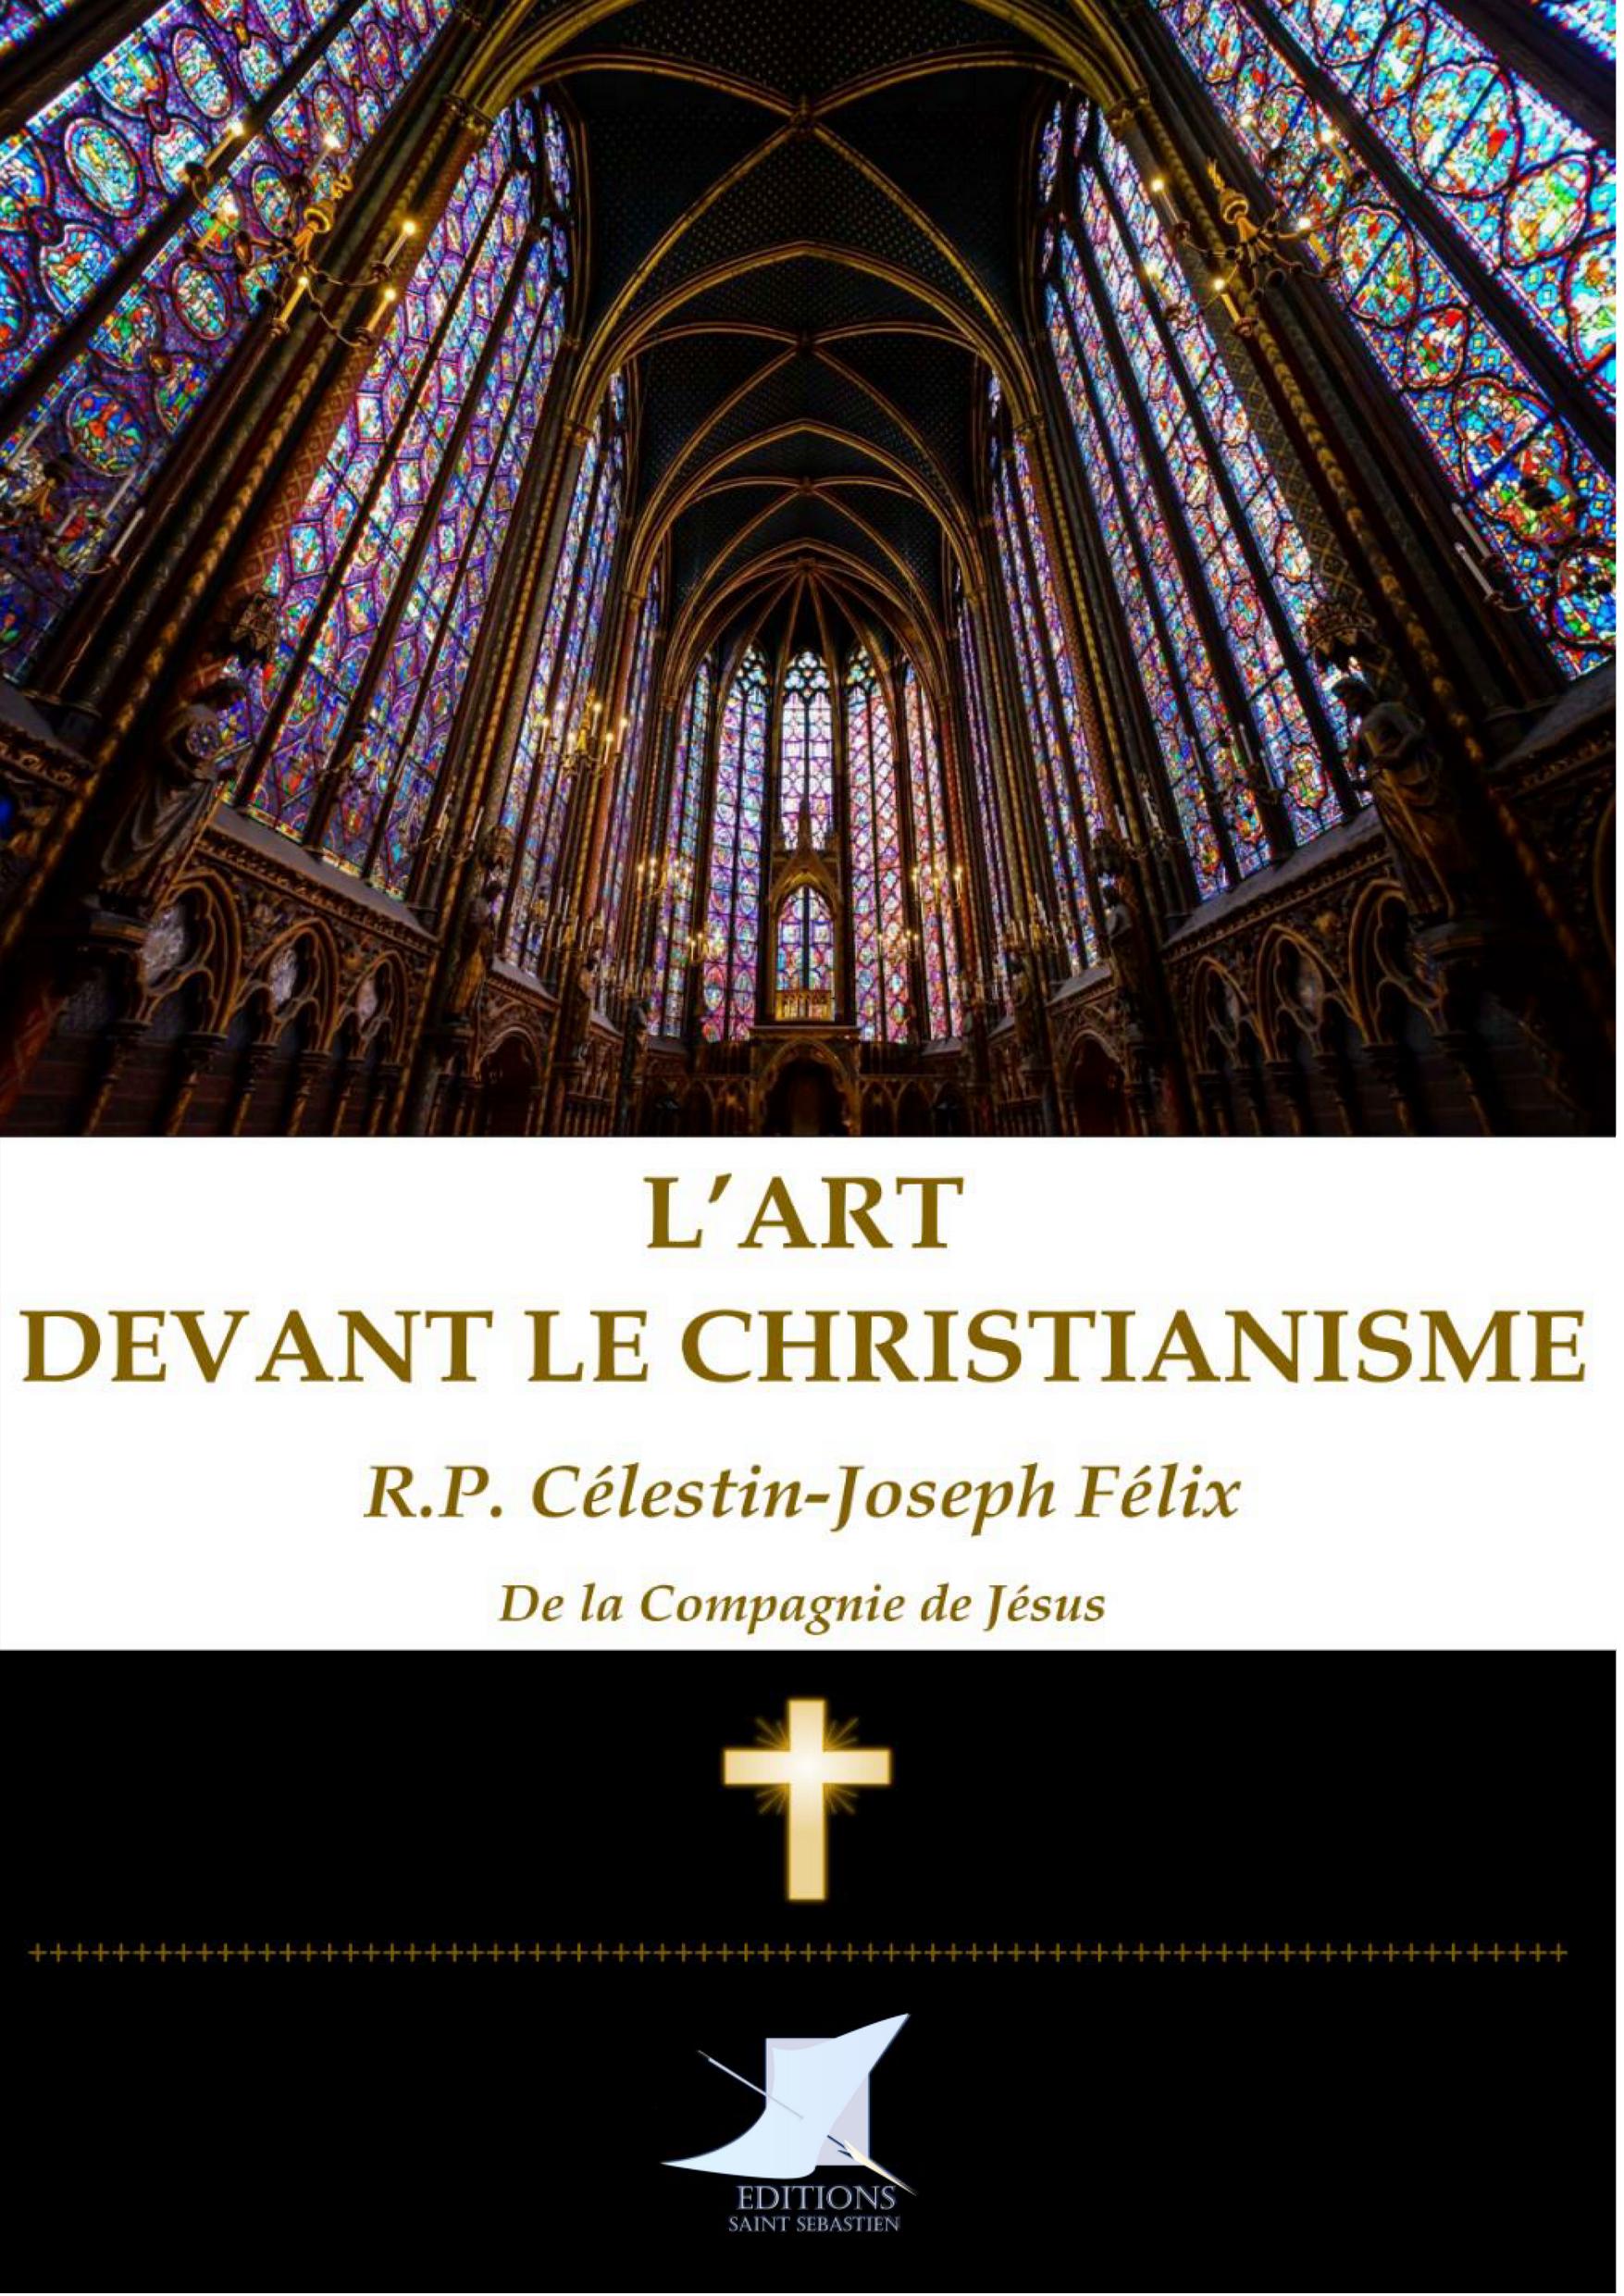 L'Art devant le Christianisme